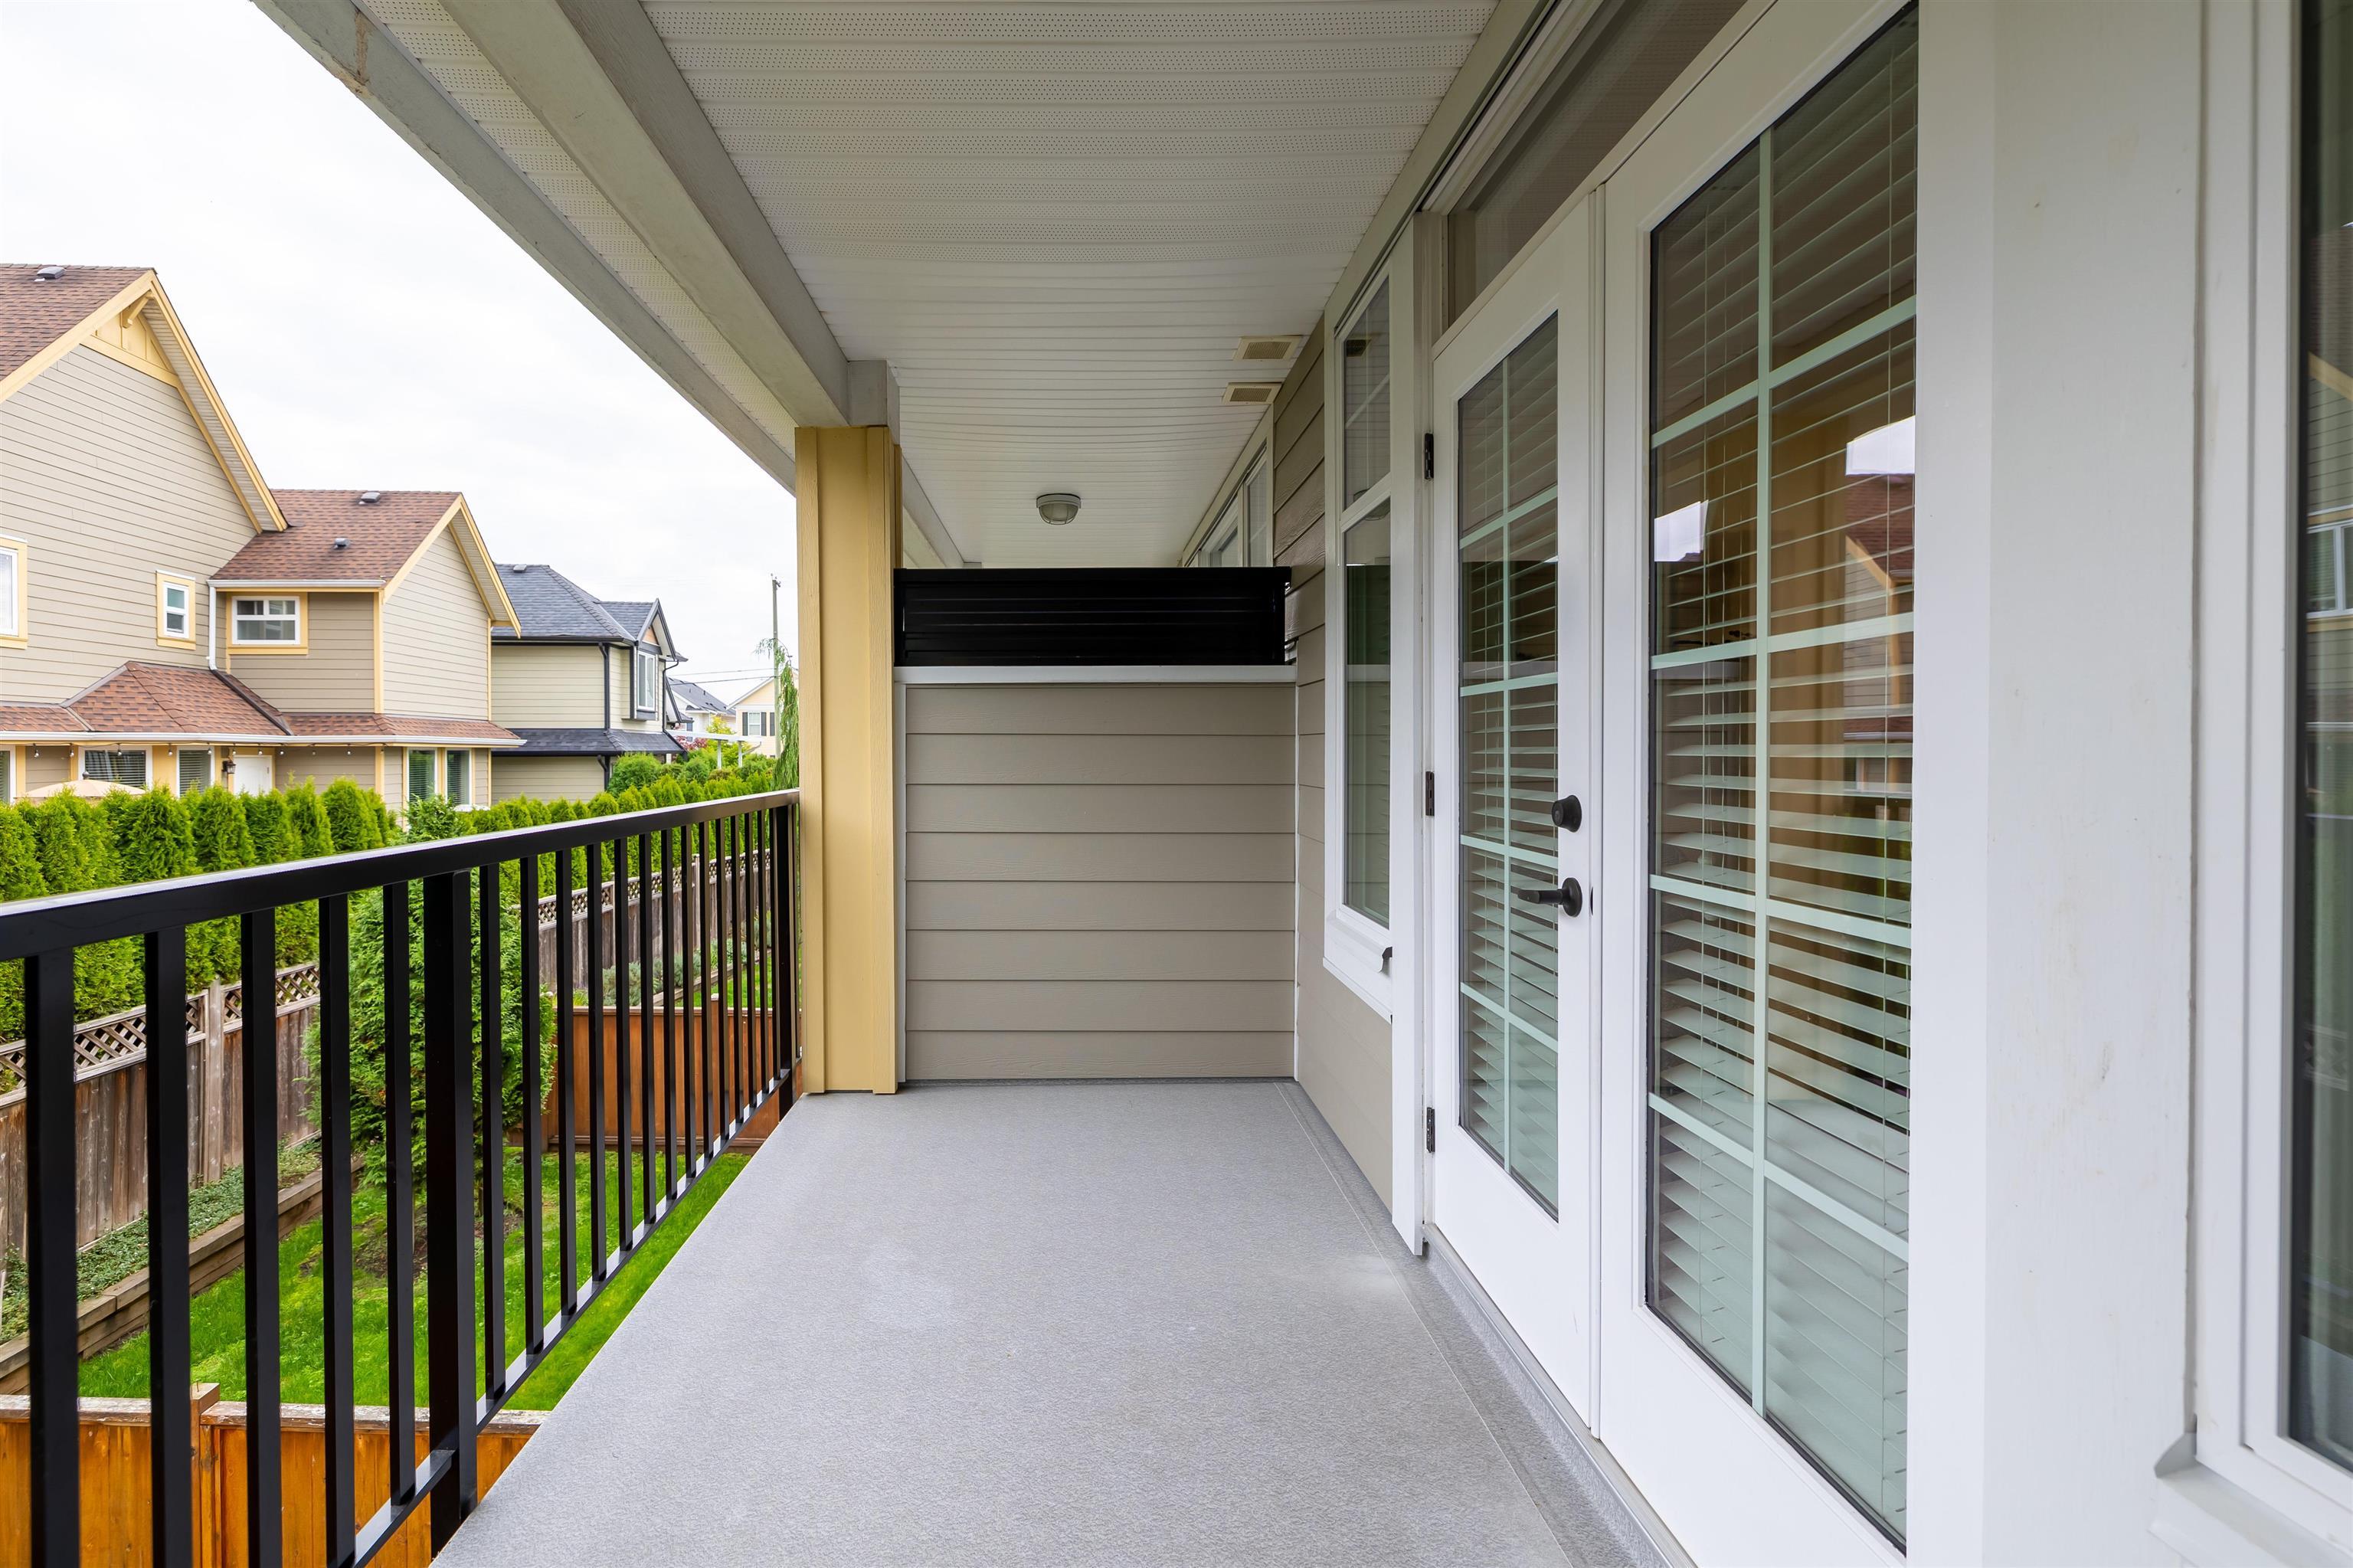 29 17171 2B AVENUE - Pacific Douglas Townhouse for sale, 3 Bedrooms (R2625037) - #36